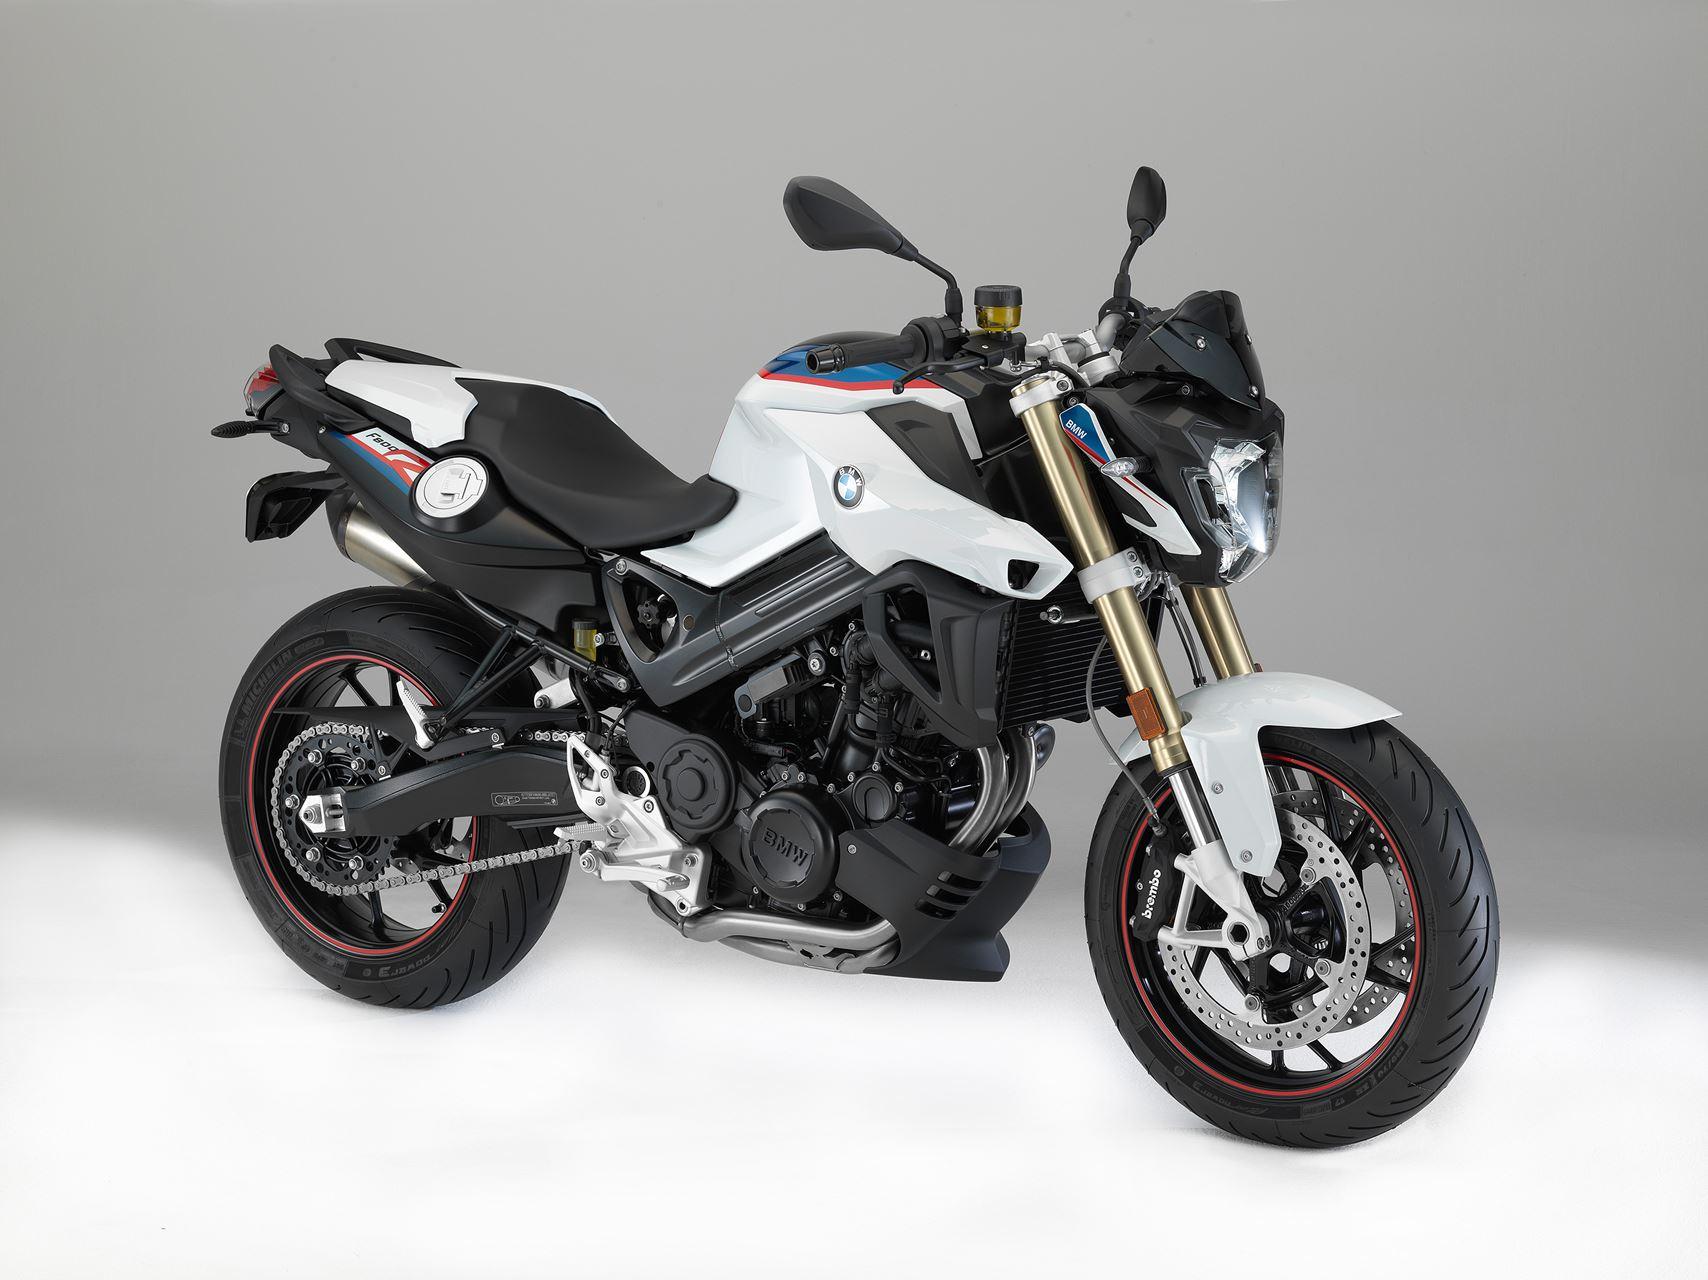 BMW F800R 2012 Black Sapphire Metallic 17 | IAMABIKER